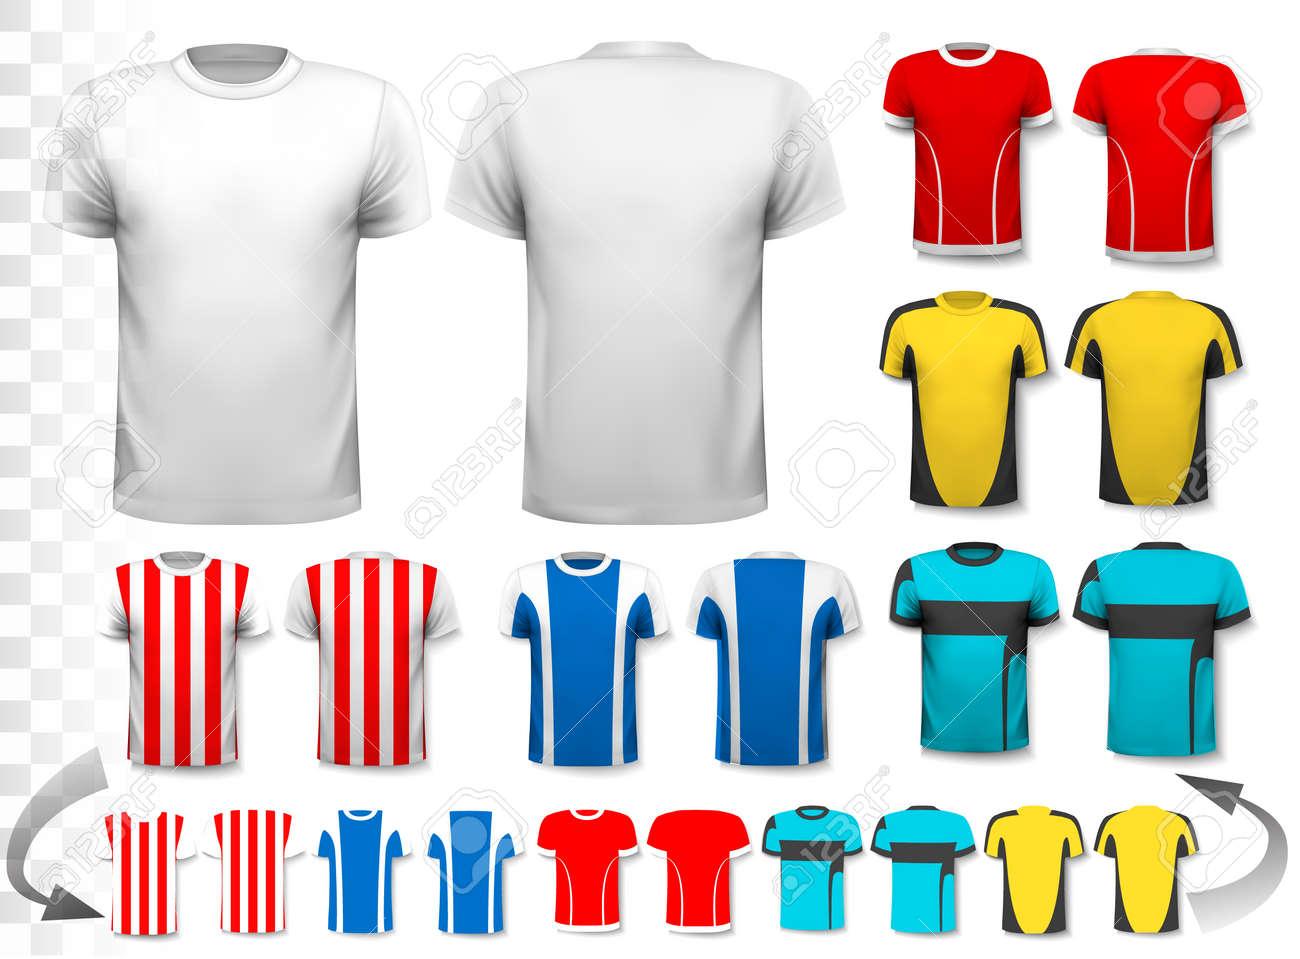 Image result for soccer jerseys